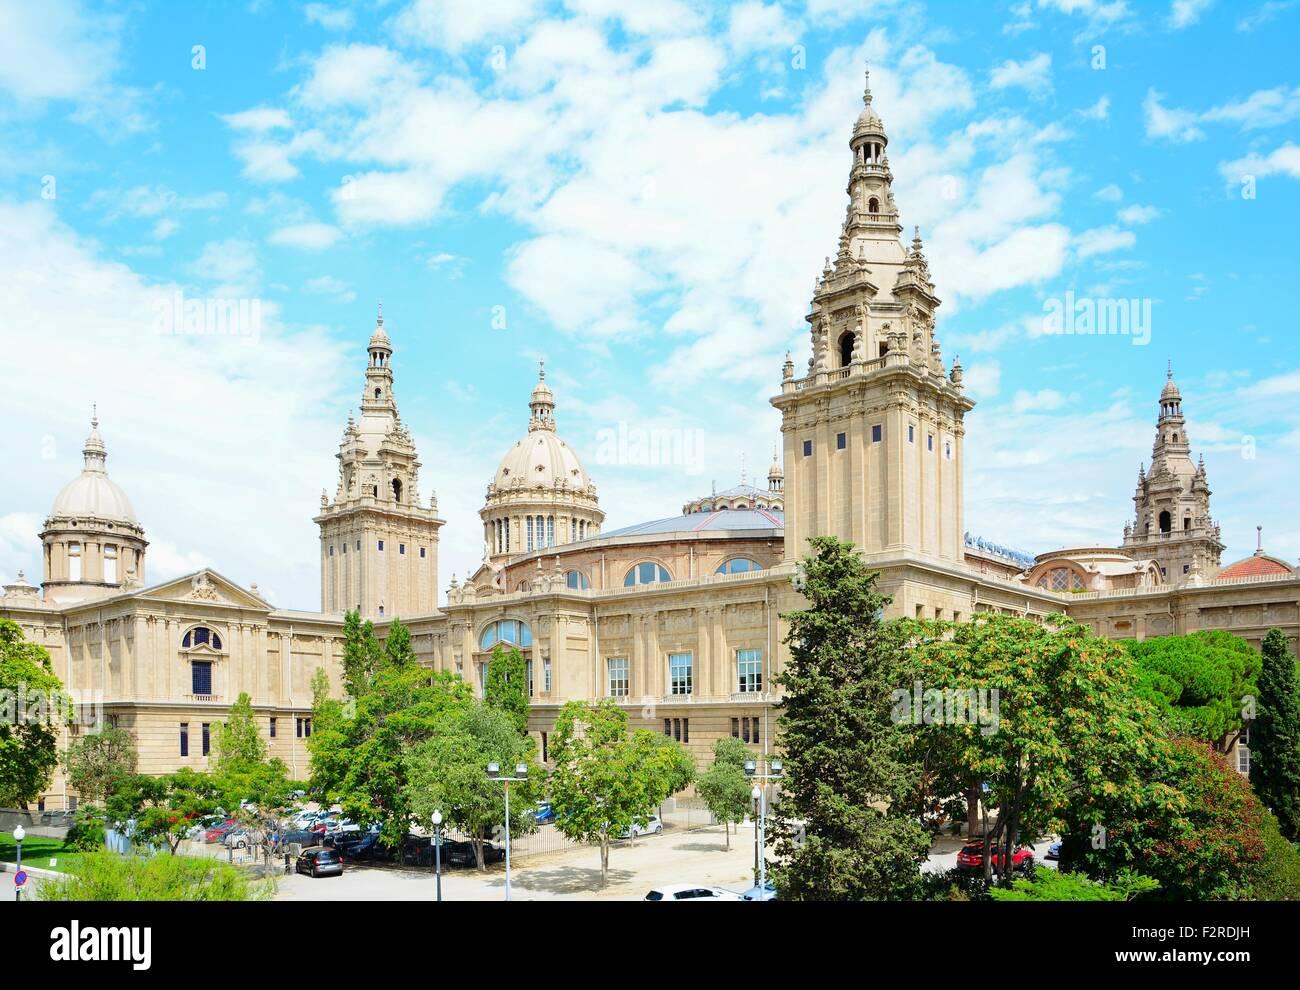 Musée national d'Art de Catalogne à Barcelone, Espagne. Photo Stock